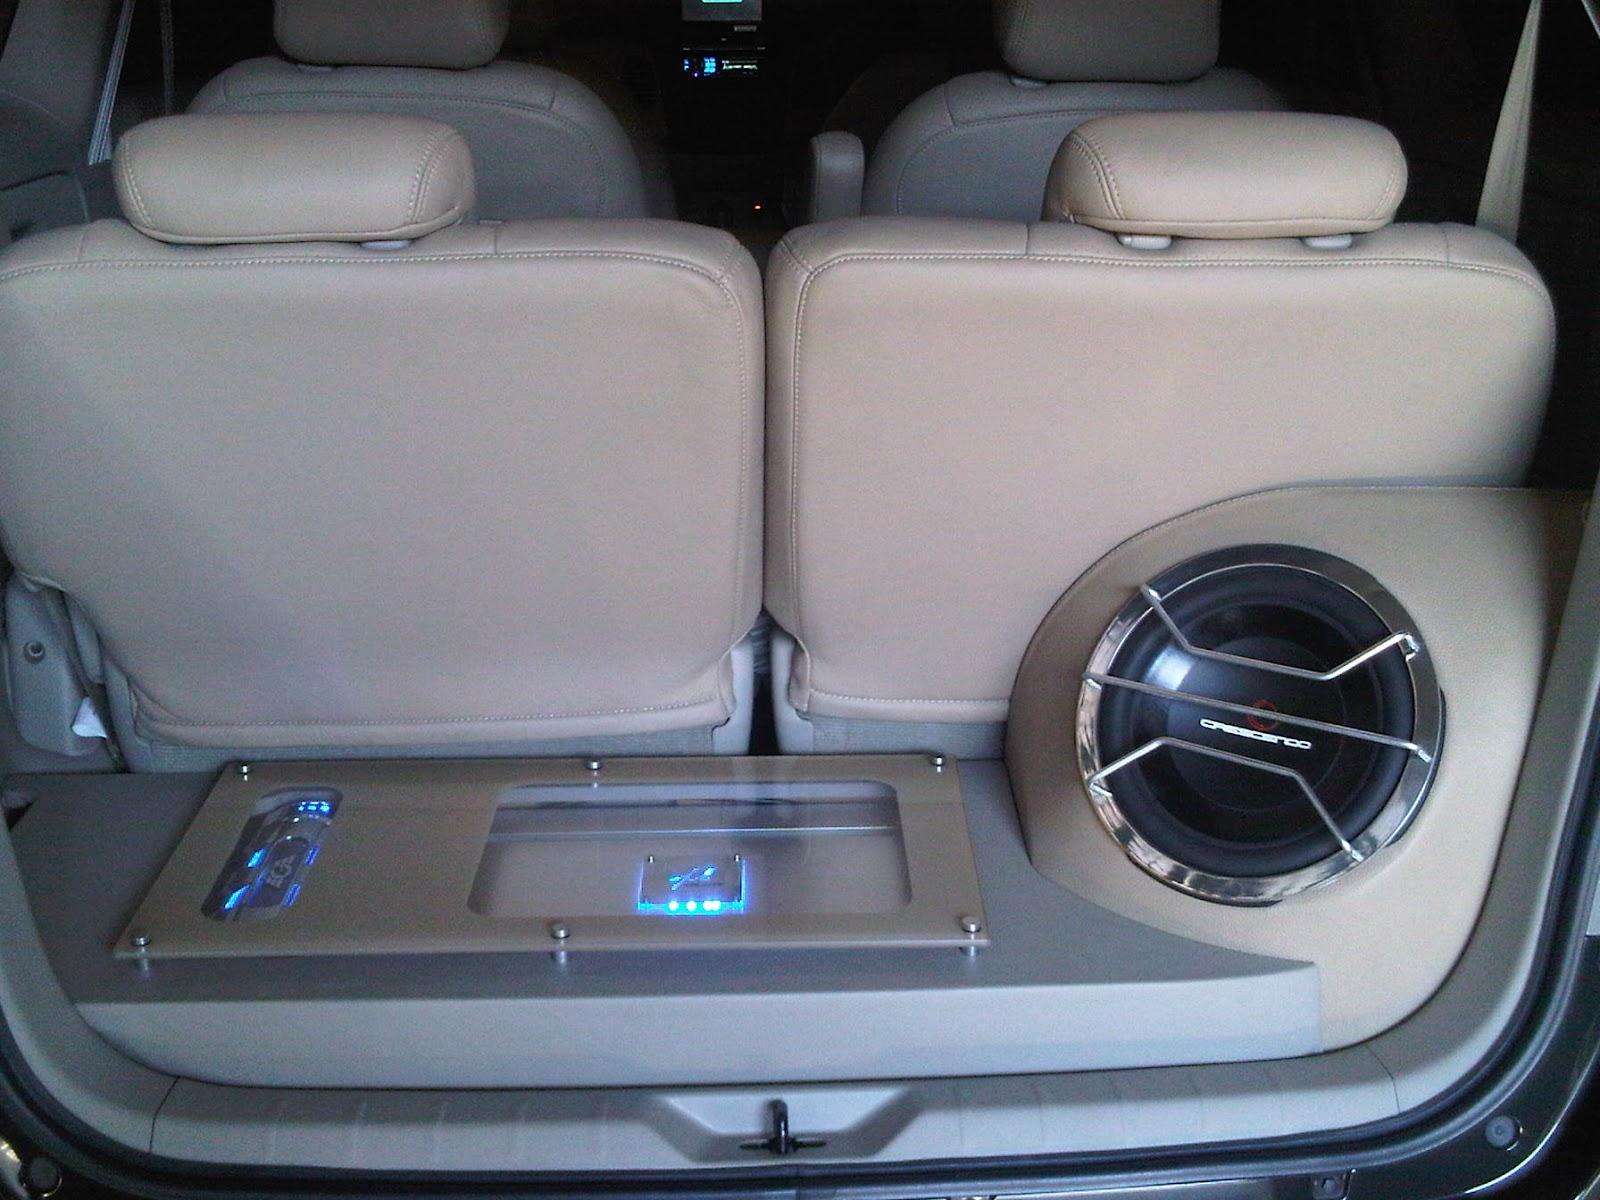 Inilah Kisaran Harga Subwoofer Mobil dan Tips Membelinya